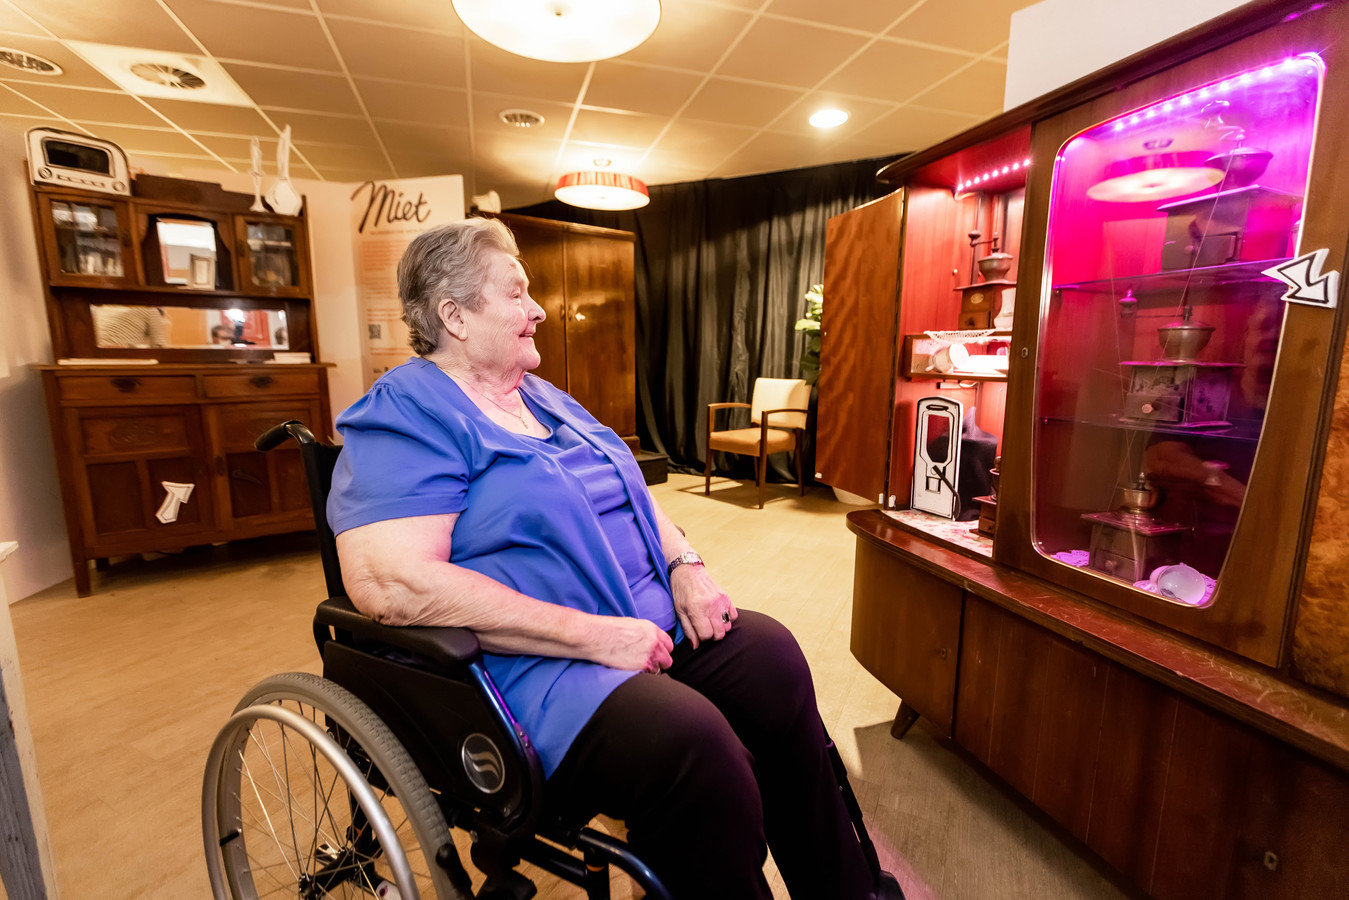 Bets Kemmeren - Van Boxel luistert naar het verhaal over de koffiemolens van 'Miet' bij een van de klankkasten.